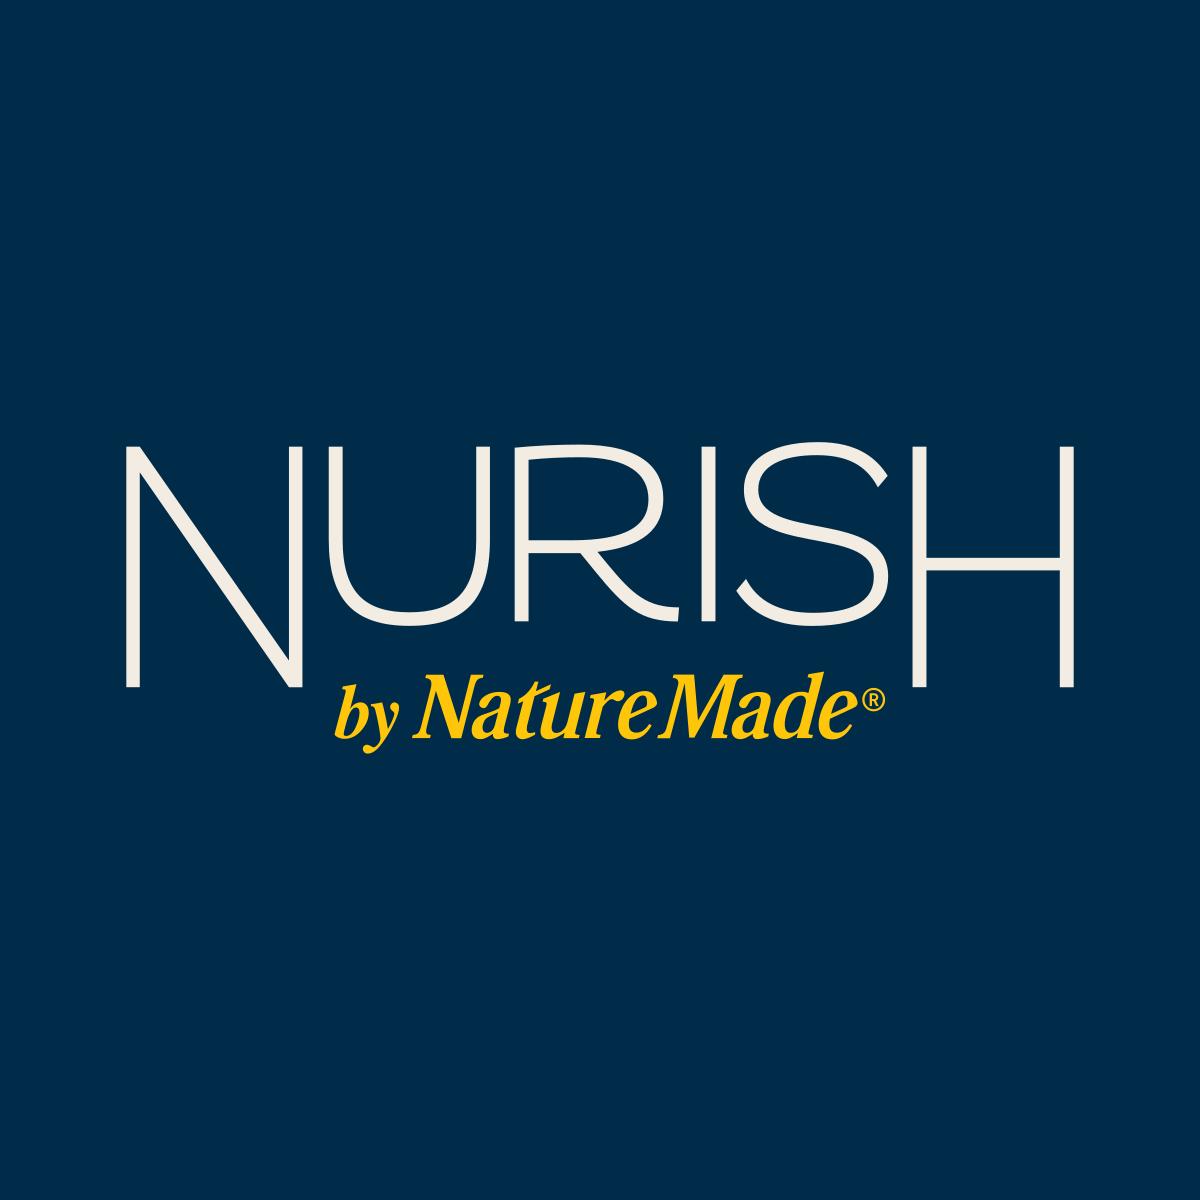 Nurish Logo